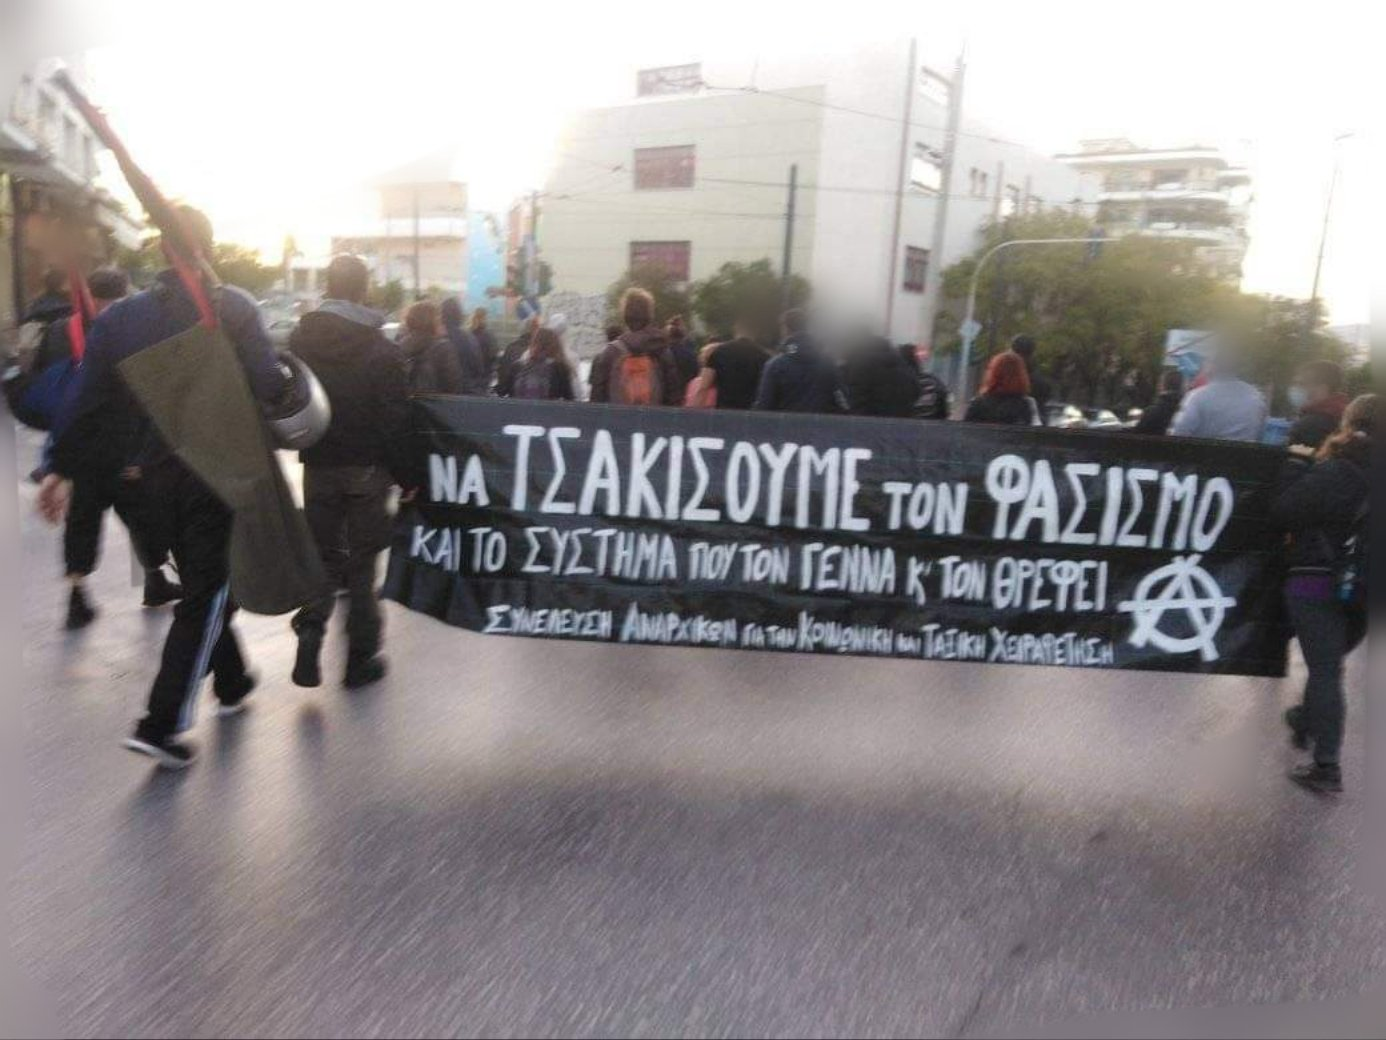 Διπλή απαγόρευση αντιφασιστικής συγκέντρωσης και άγριος ξυλοδαρμός διαδηλωτών στην Αθήνα